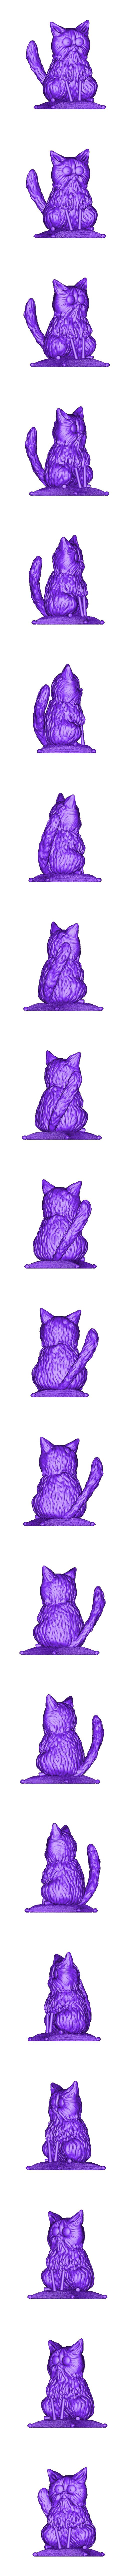 Mr_StachMou.stl Télécharger fichier STL gratuit M. StachMou • Objet à imprimer en 3D, BODY3D